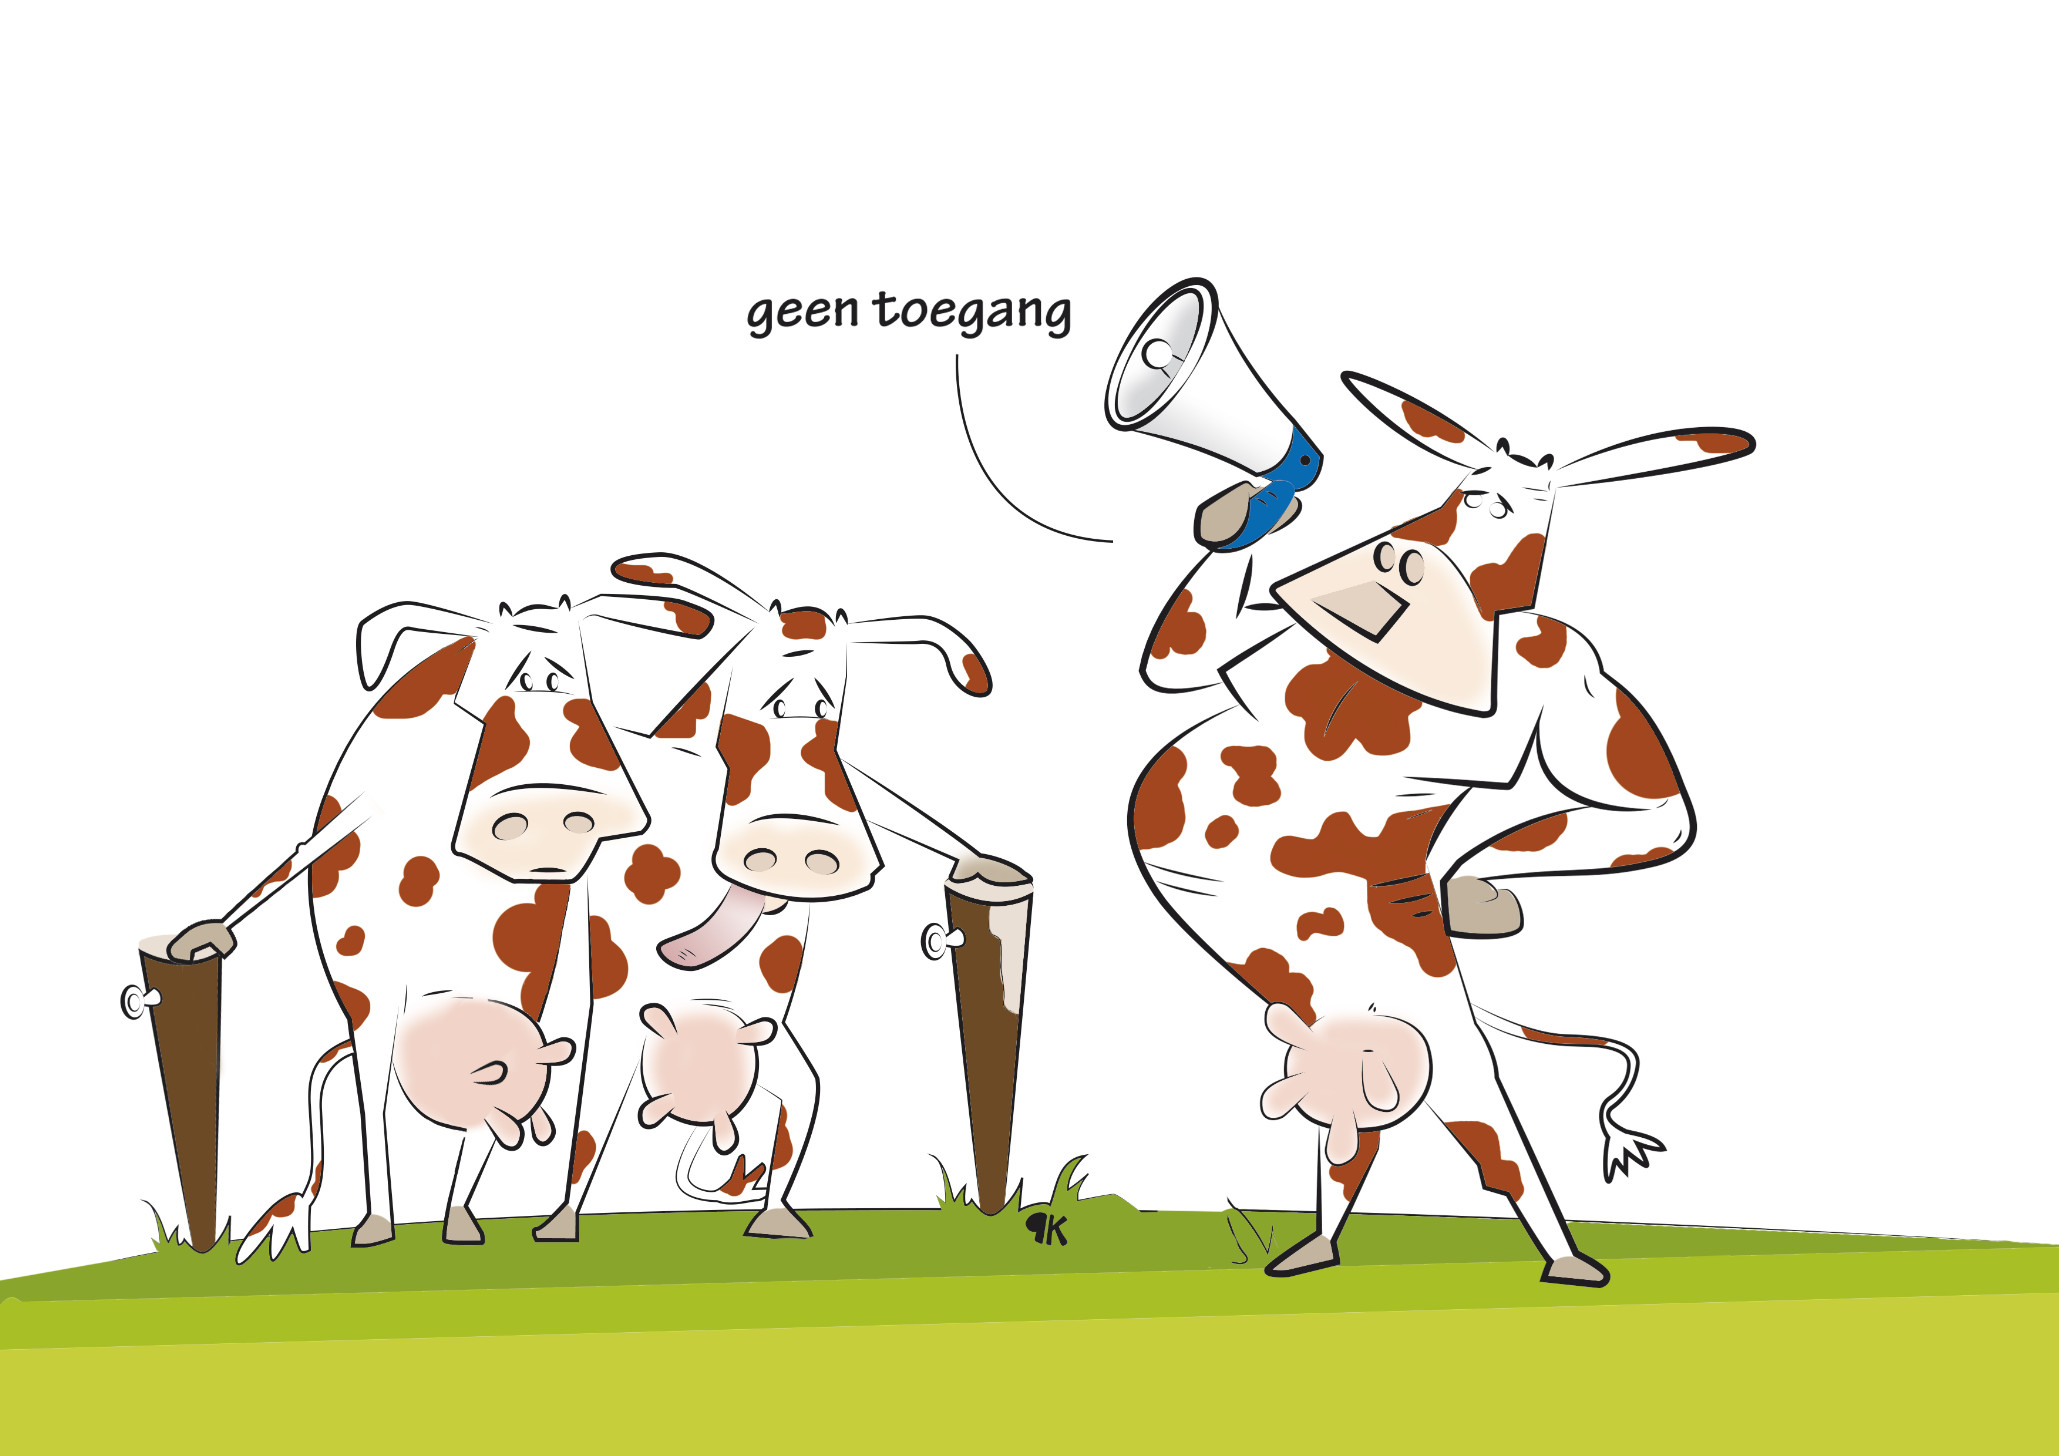 Arla betaalt advies voor nieuw melkwinningscentrum